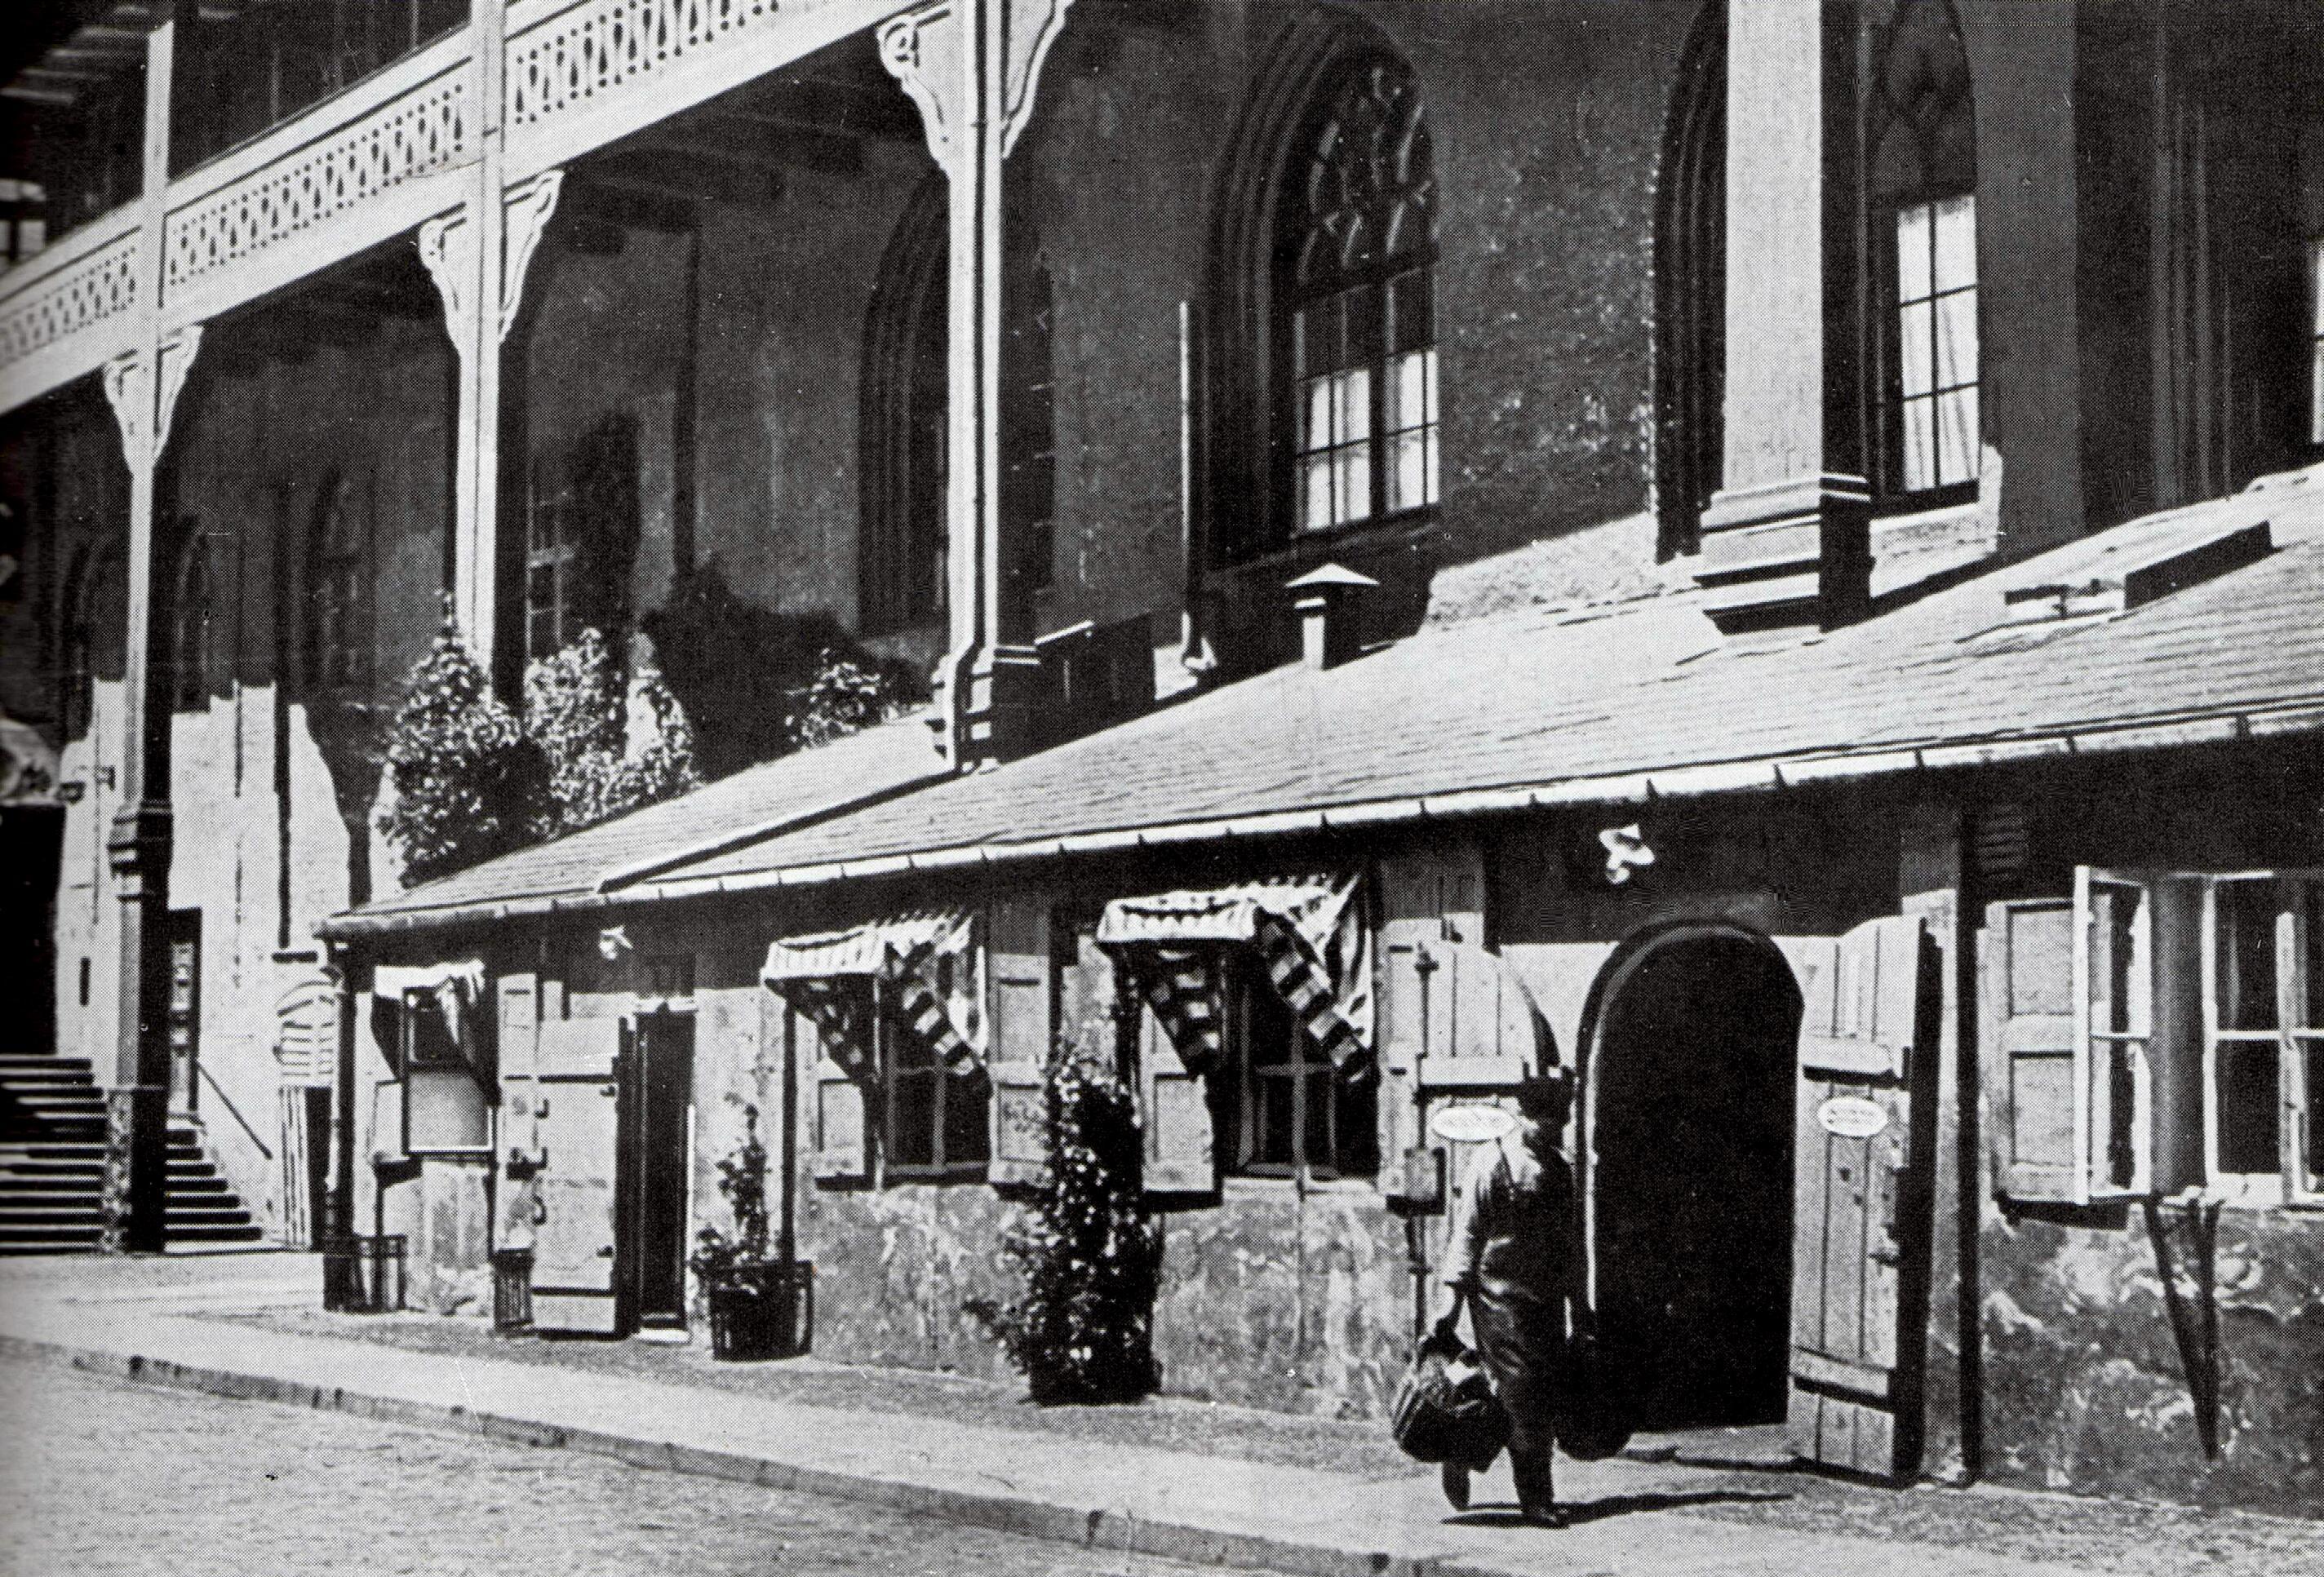 Вход в легендарный ресторан Blutgericht во дворе замка Кенигсберг. 1920-е